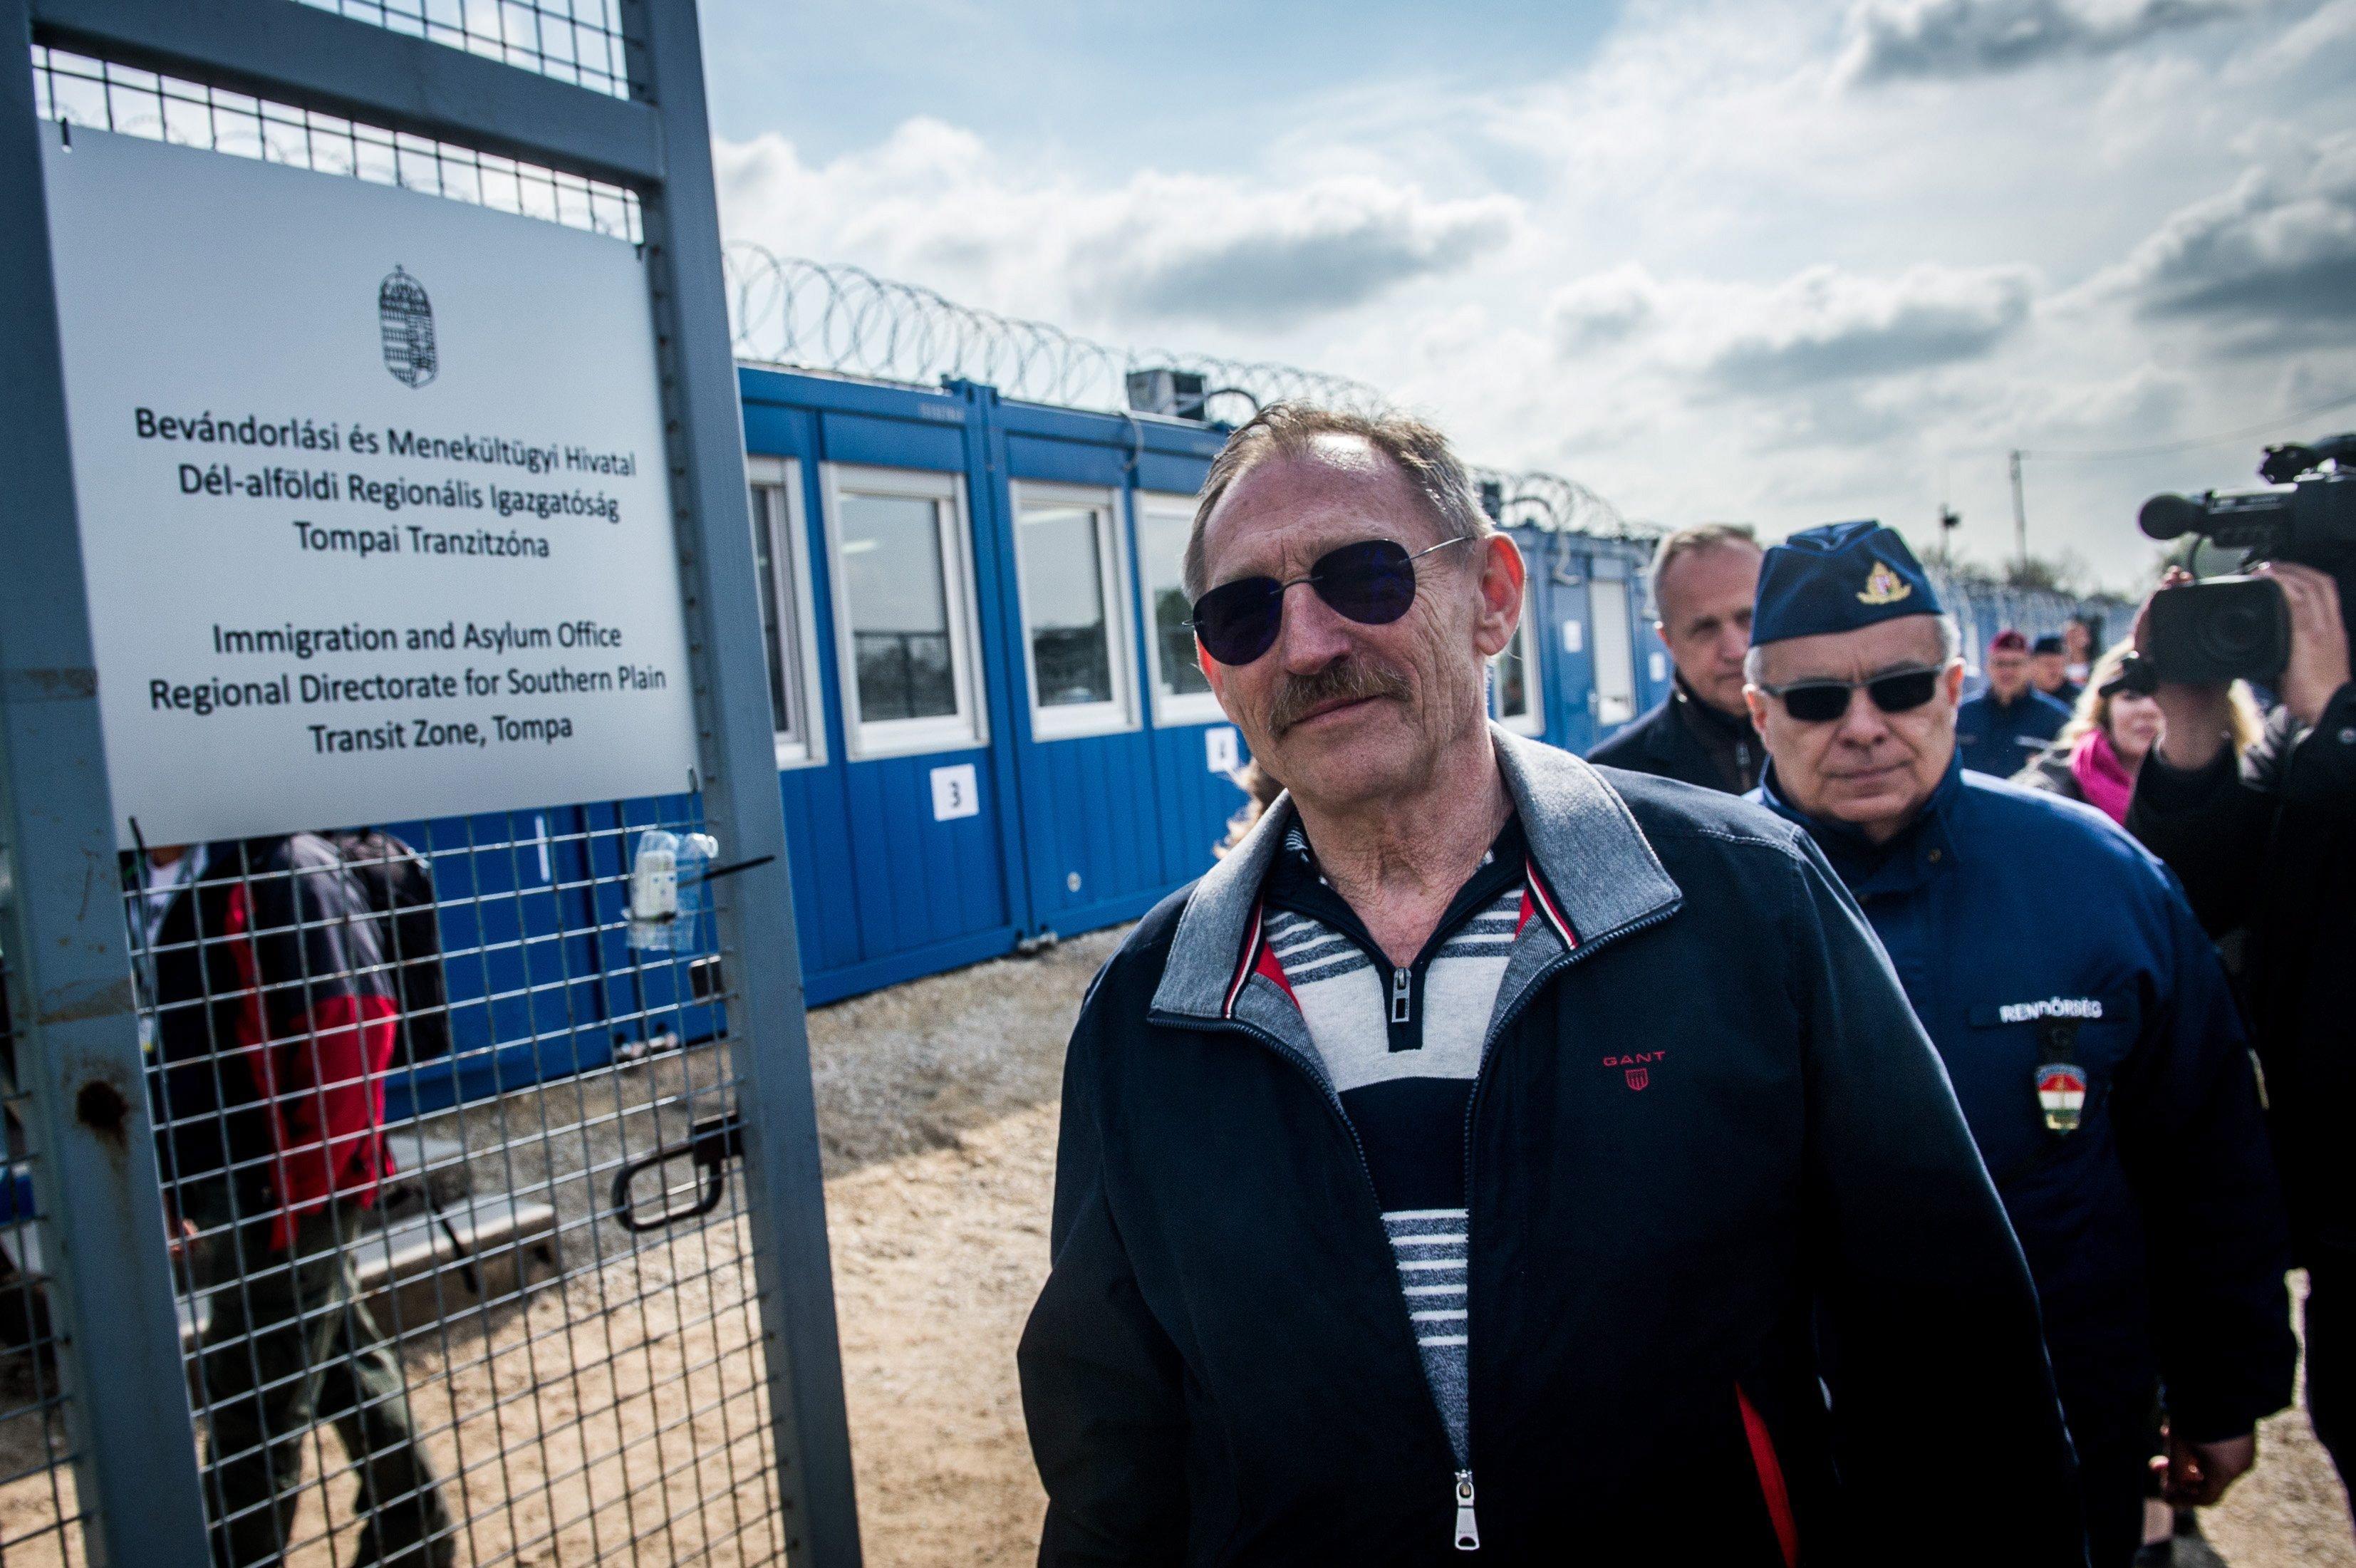 Utolsó esélyt kapott a magyar parlament Brüsszeltől, hogy vonja vissza a segélyszervezeteket fenyegető törvényt